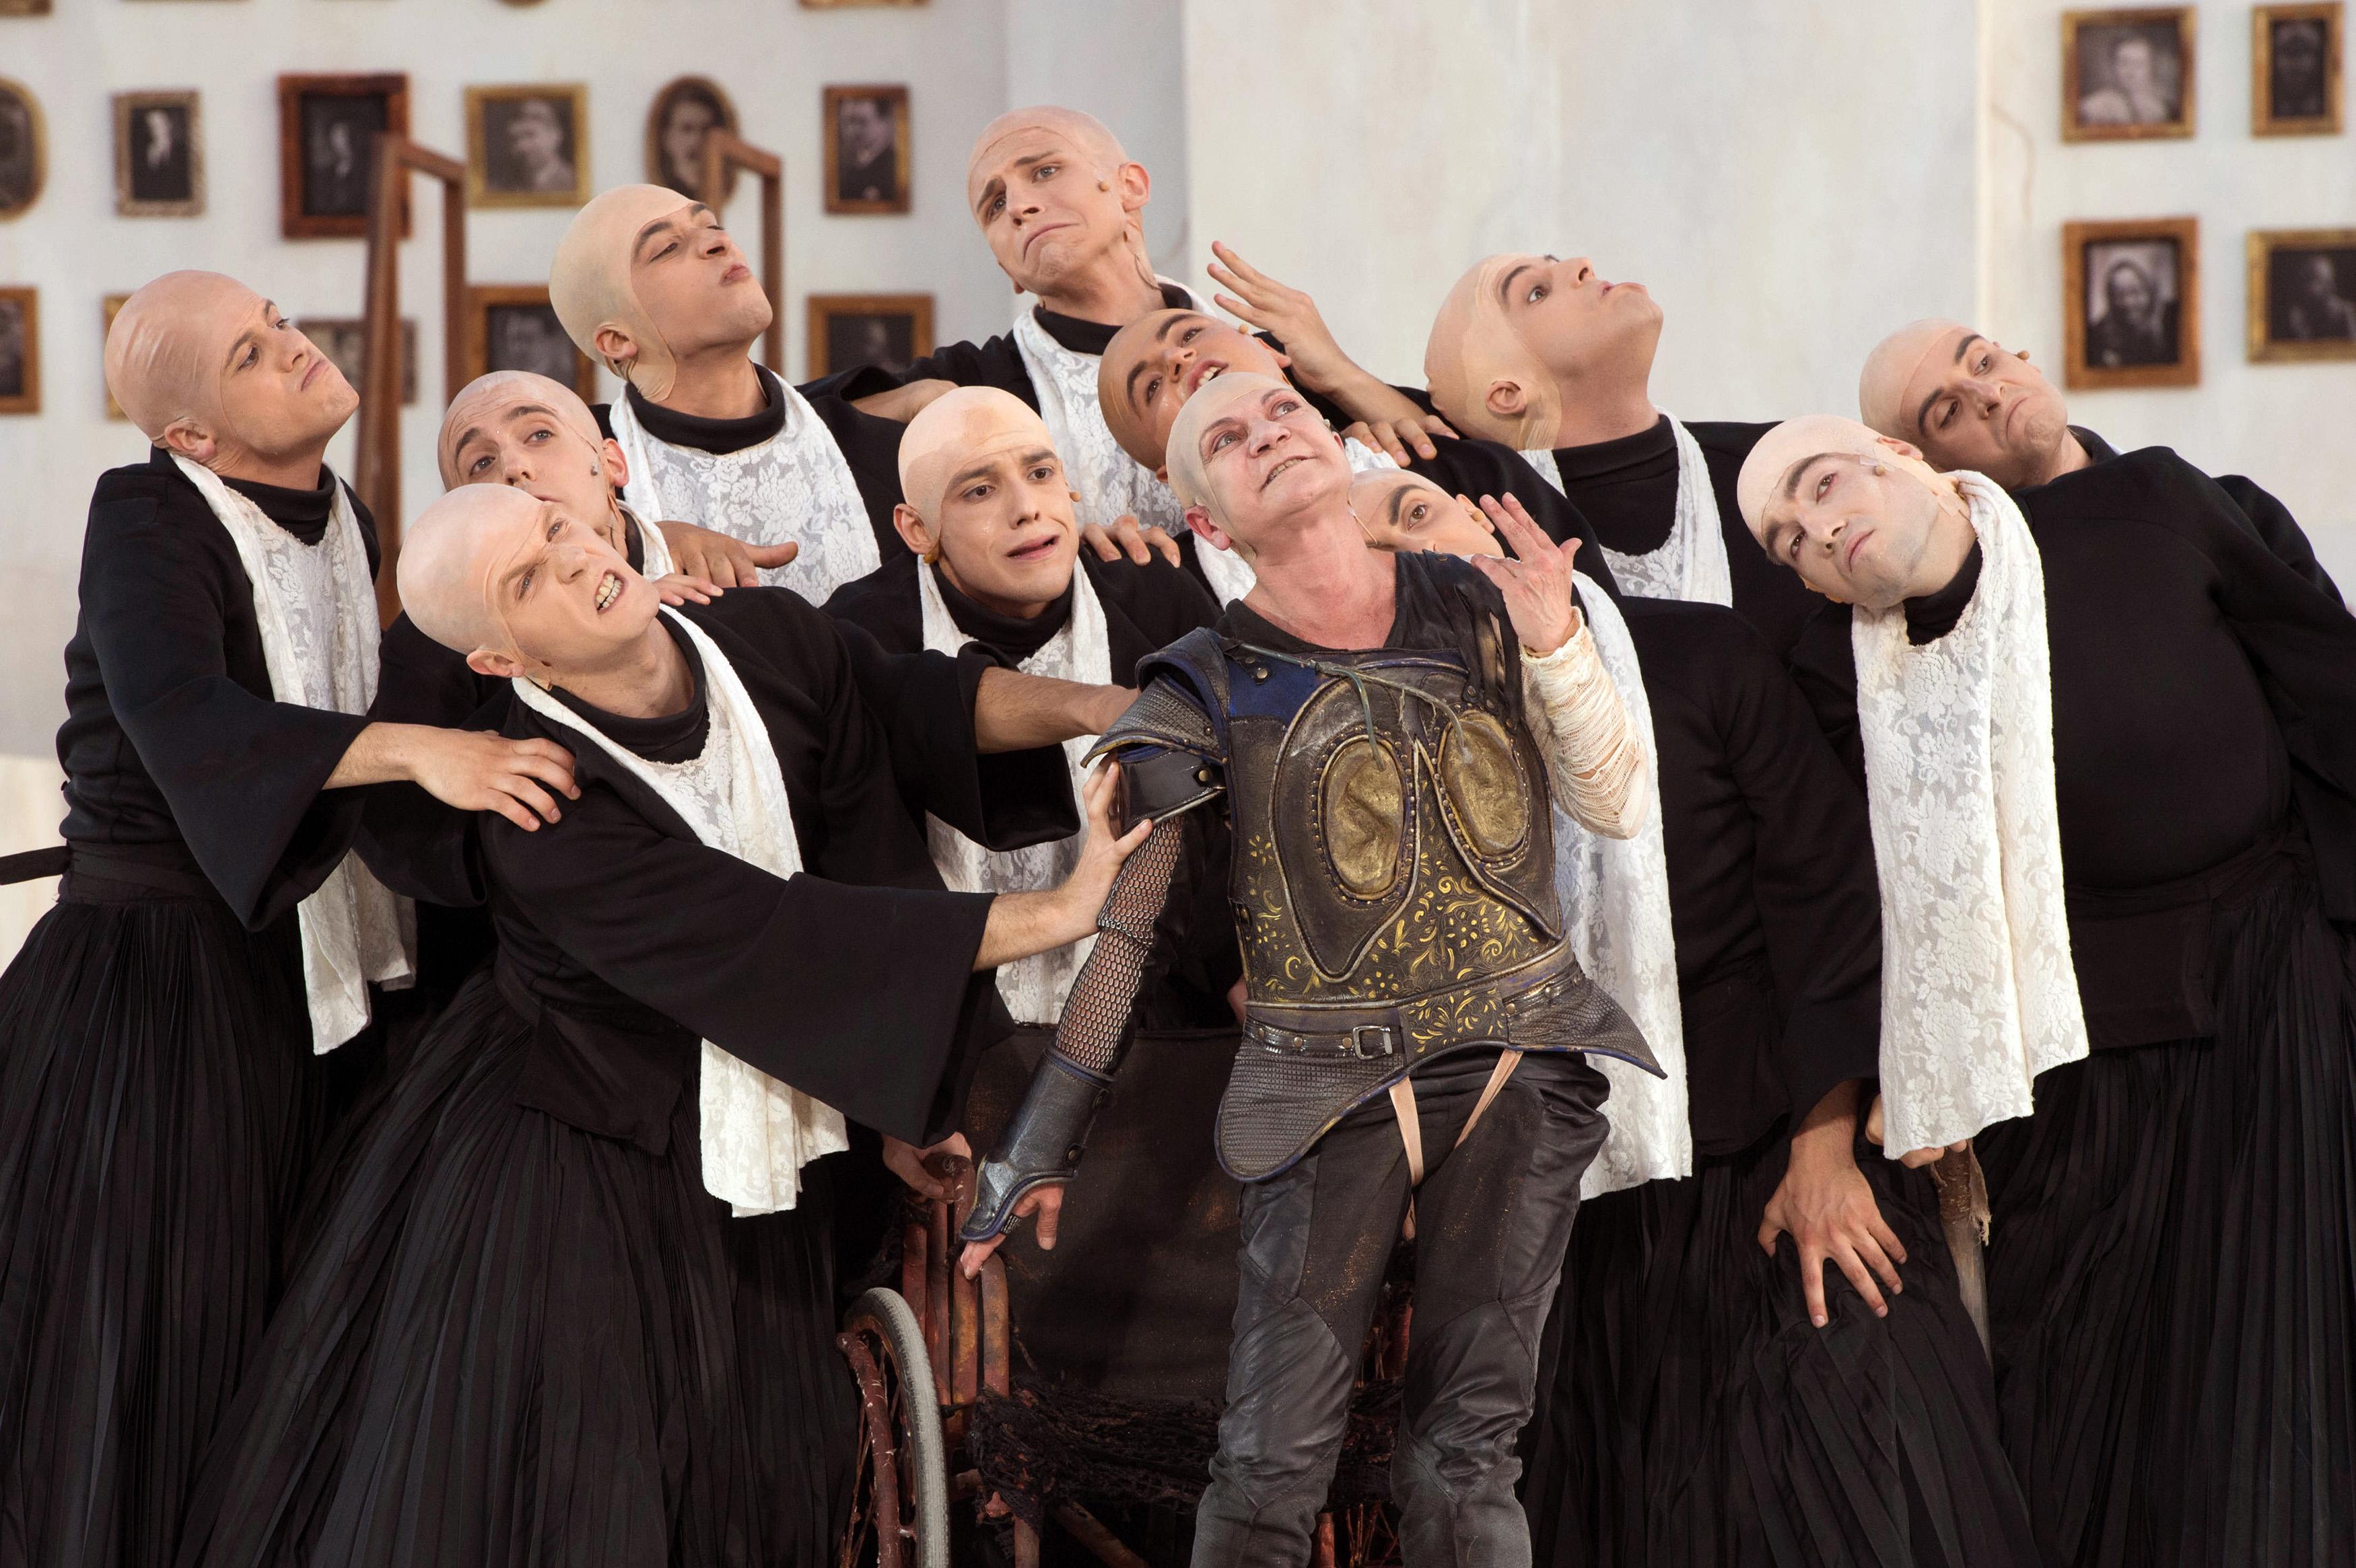 Il coro di vecchi con Anfitrione (Serena Barone) al centro - ph Tommaso Le Pera